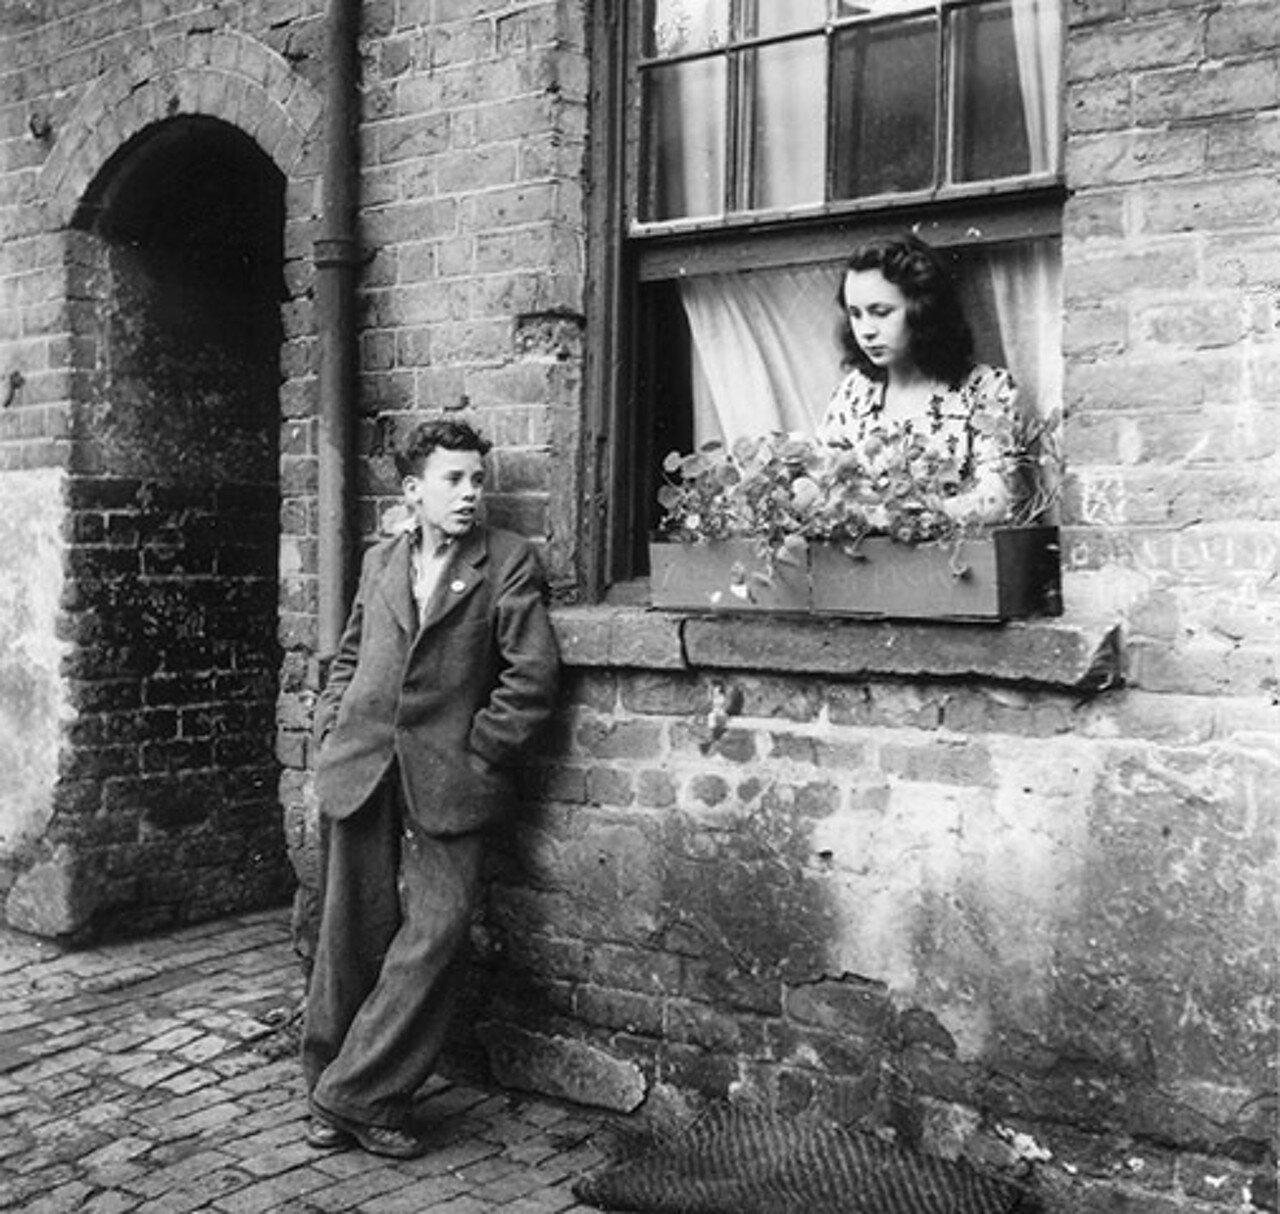 1951. Миллионы подобных ей, Бирмингем